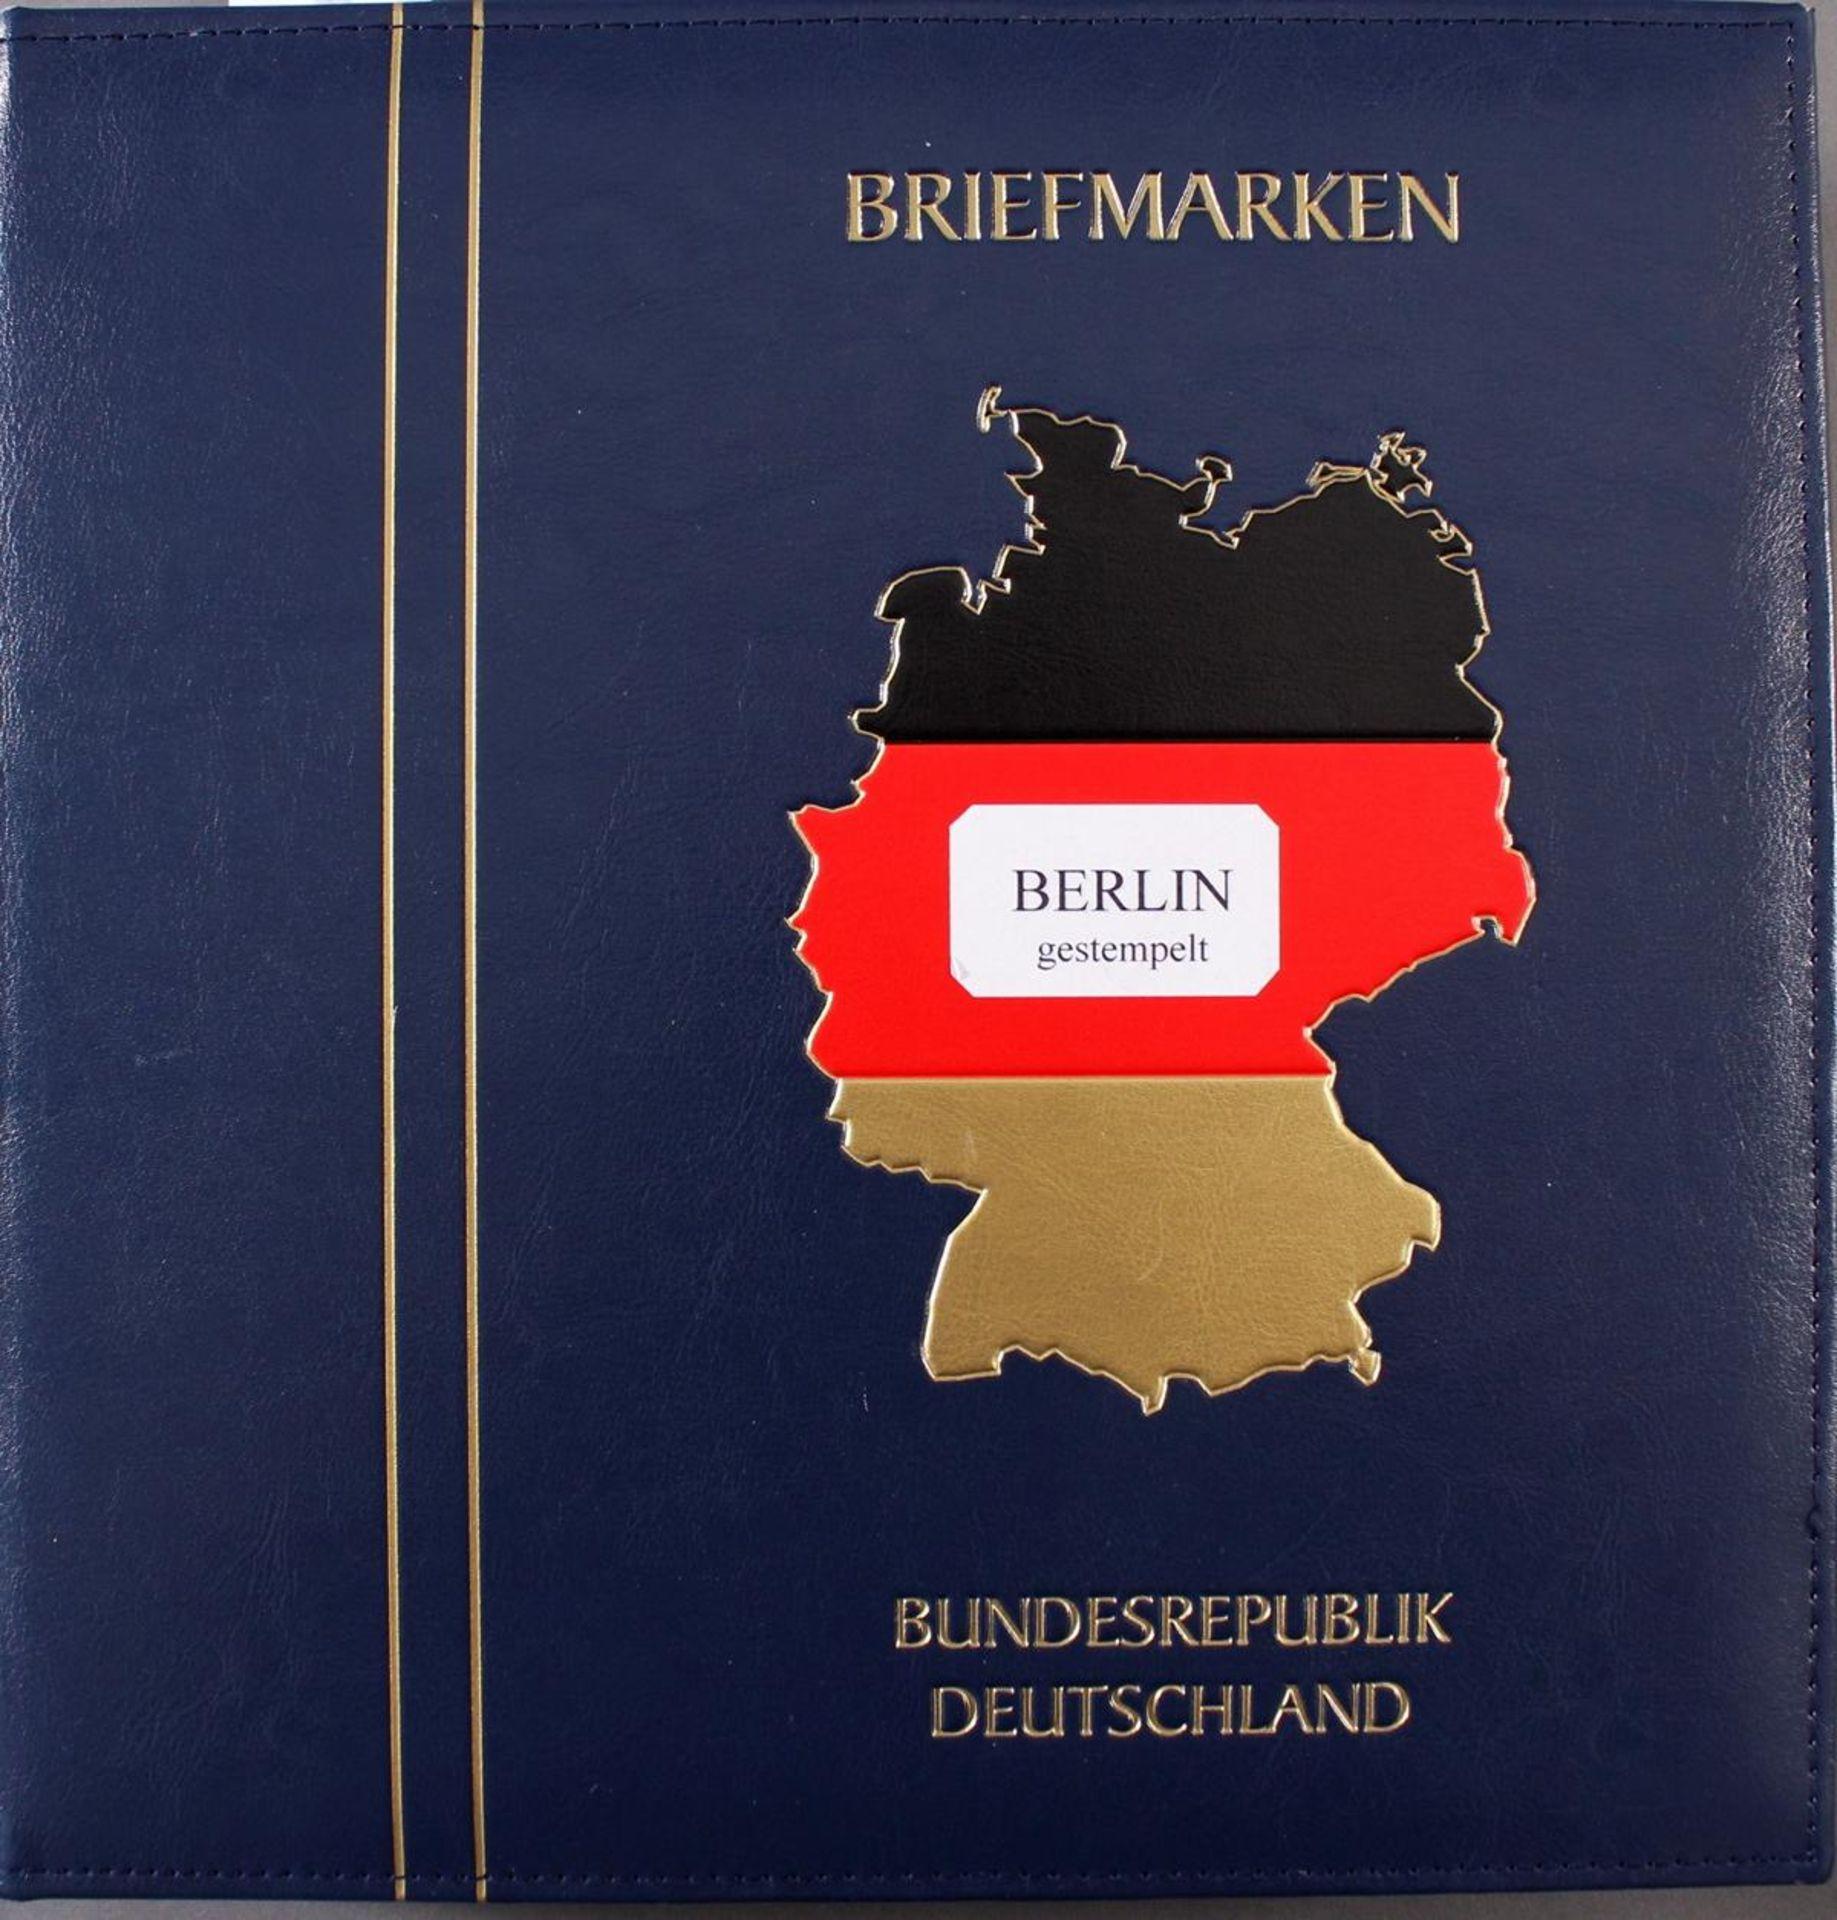 Berlin, 1948-1990 , gestempelt, Spitzensammlung! - Bild 11 aus 11